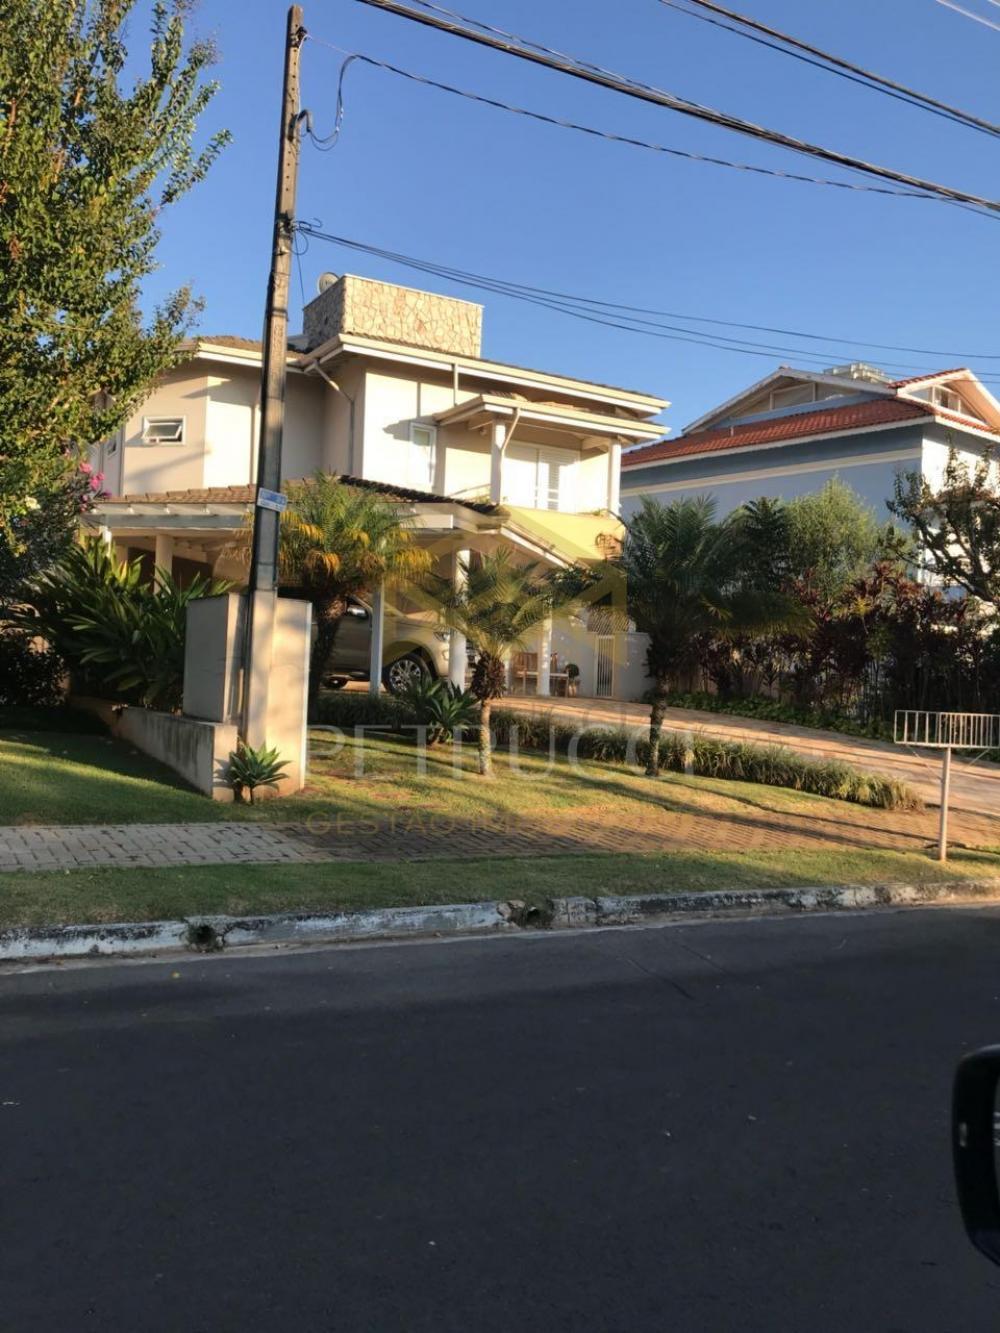 Valinhos Casa Venda R$2.350.000,00 Condominio R$1.100,00 5 Dormitorios 5 Suites Area do terreno 550.00m2 Area construida 460.00m2